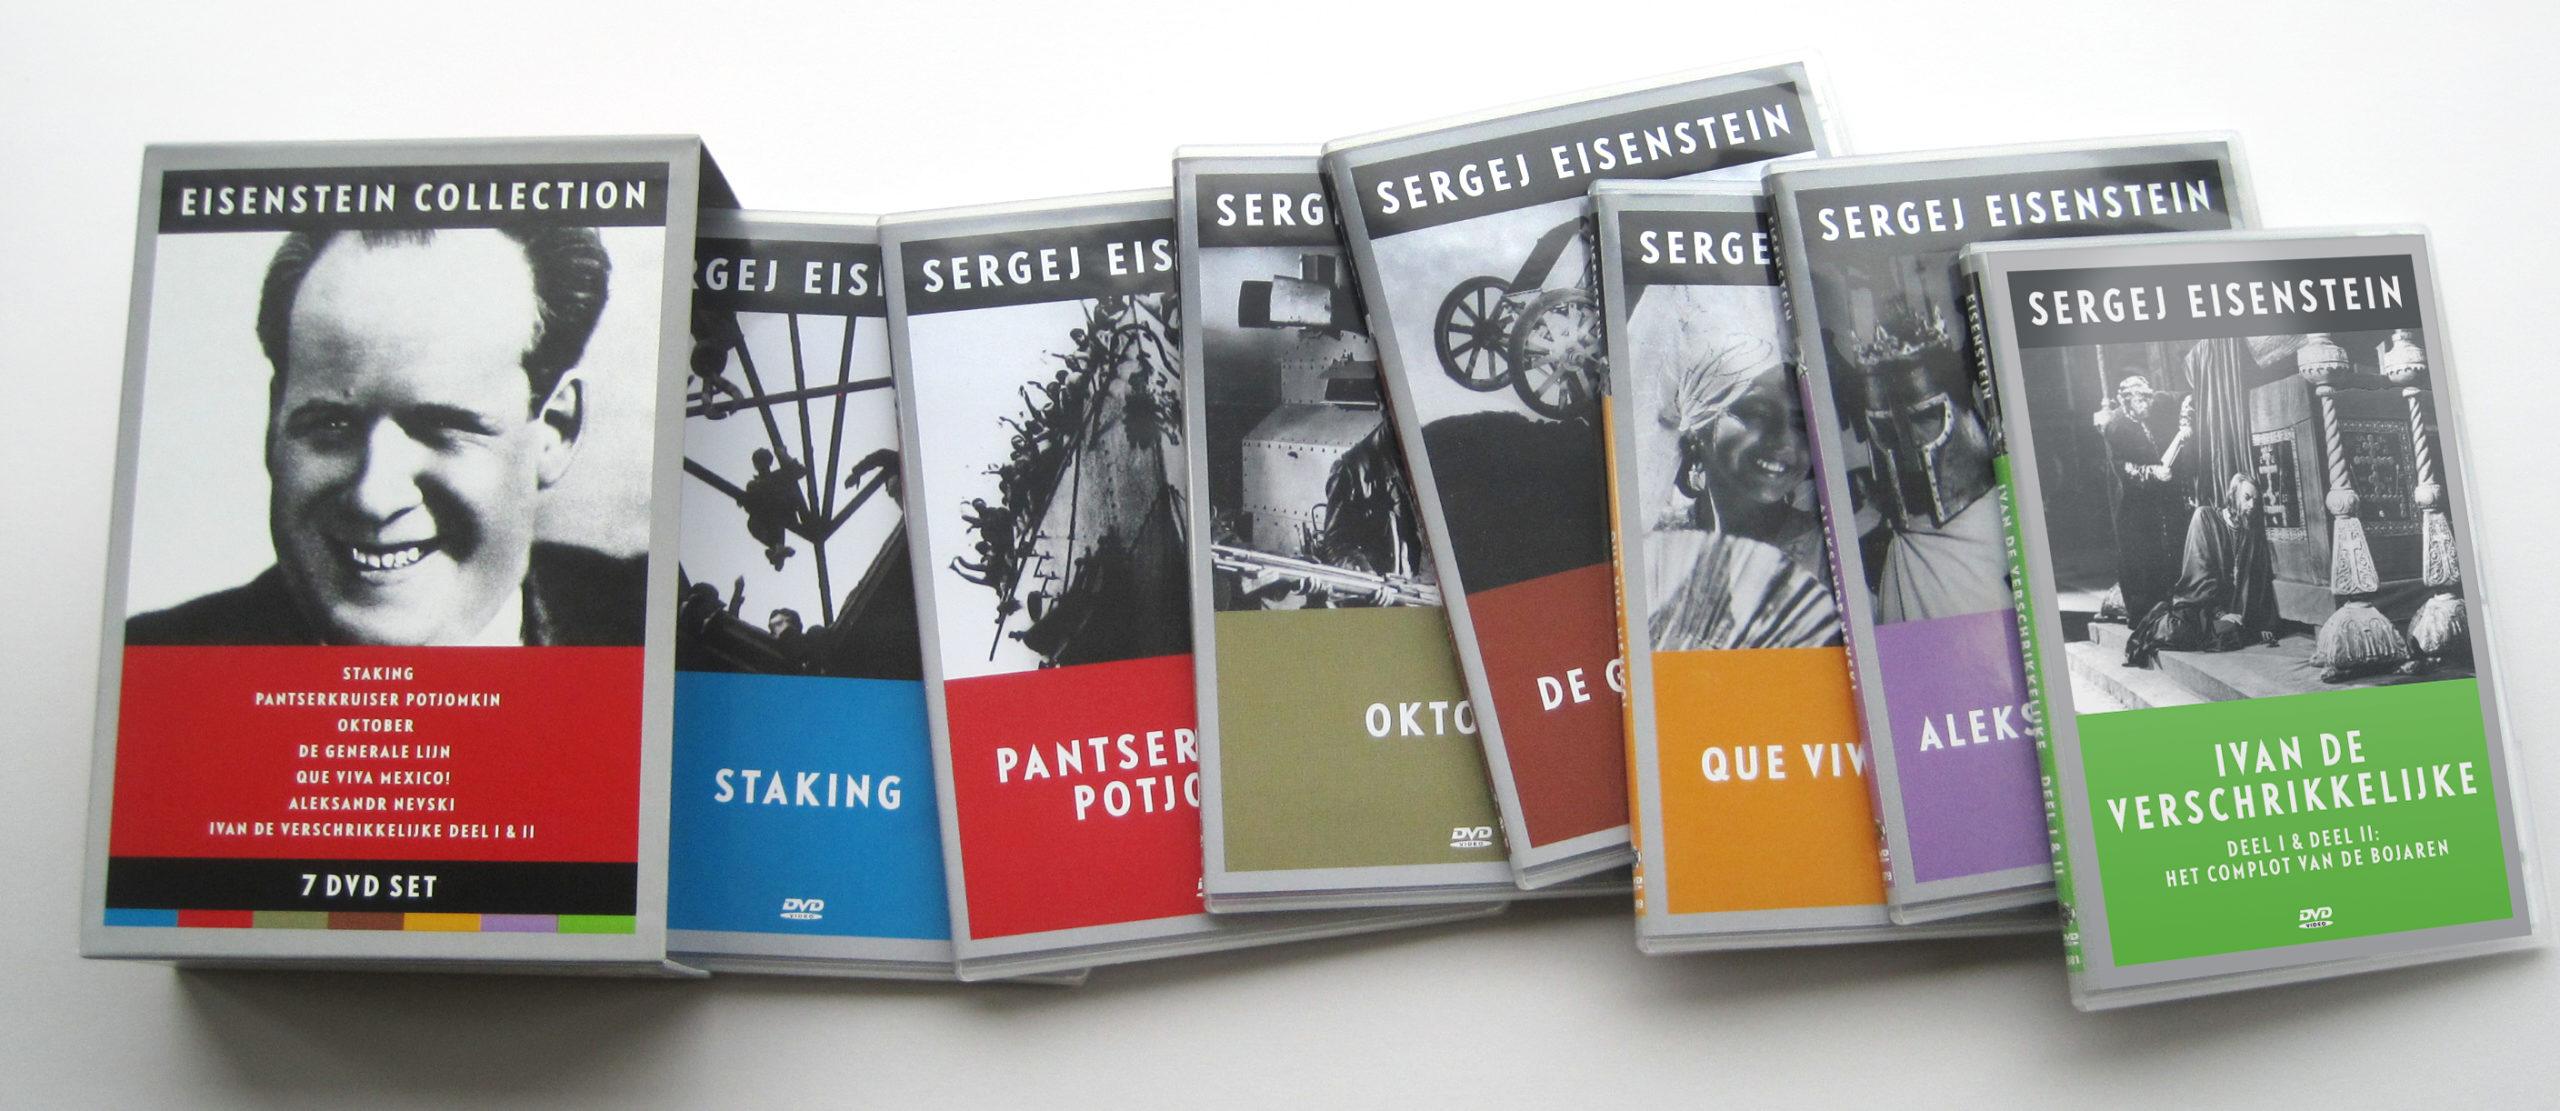 Eisenstein-box-all-titles